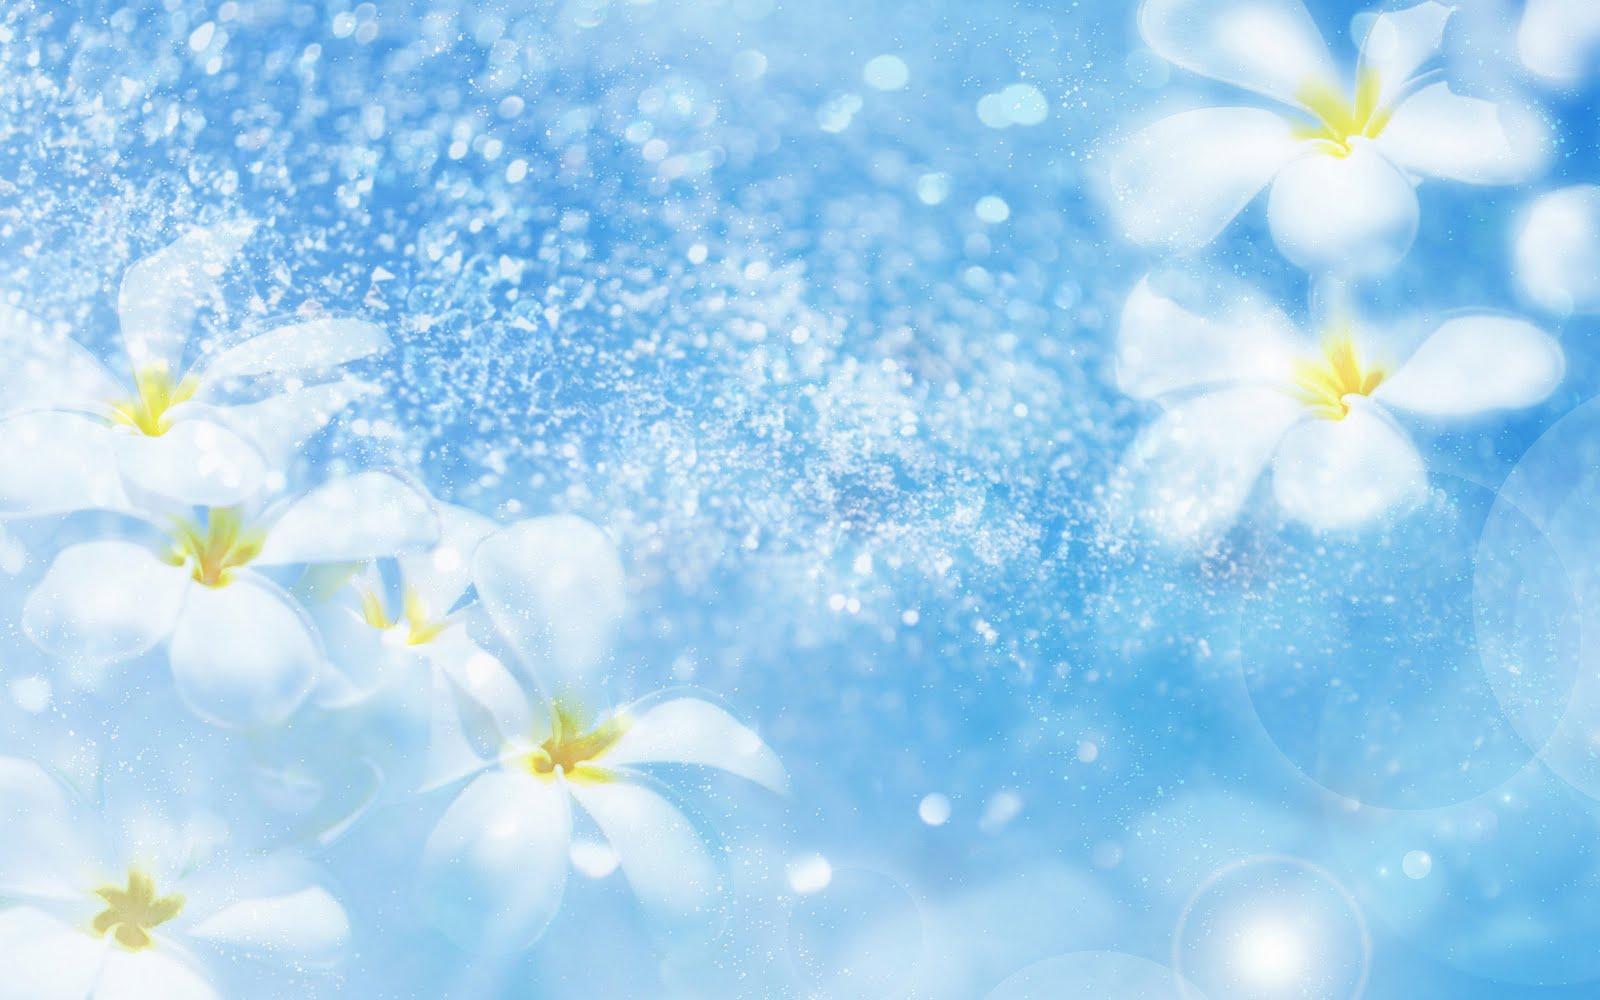 http://3.bp.blogspot.com/-Qq2Su42-HP4/T8zEsFQA-7I/AAAAAAAAEfY/sperUzGbNY4/s1600/Flower-wallpaper-17.jpg